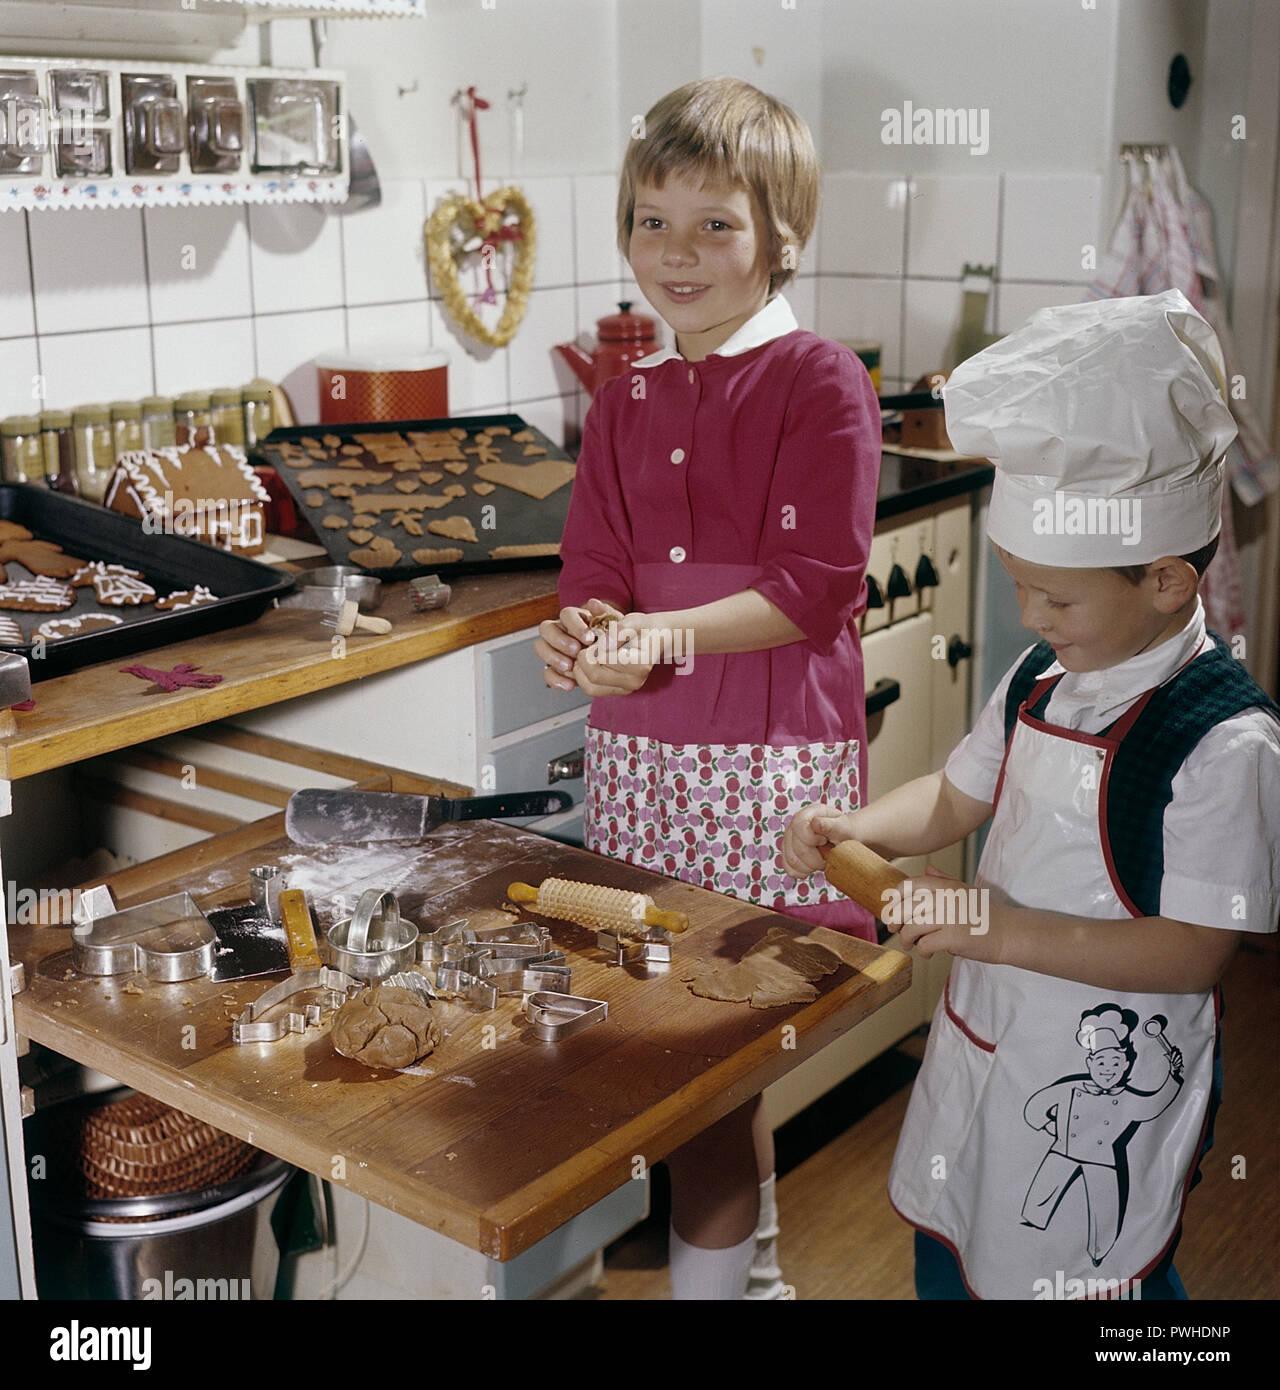 Weihnachten in den 1950er Jahren. Ein Mädchen und ein Junge ist belegt in der Küche Backen Lebkuchen. Mit verschieden geformte Formen Sie Kuchen wie Herzen und Tiere erhalten. Schweden 1950. Ref BV 86-10 Stockbild